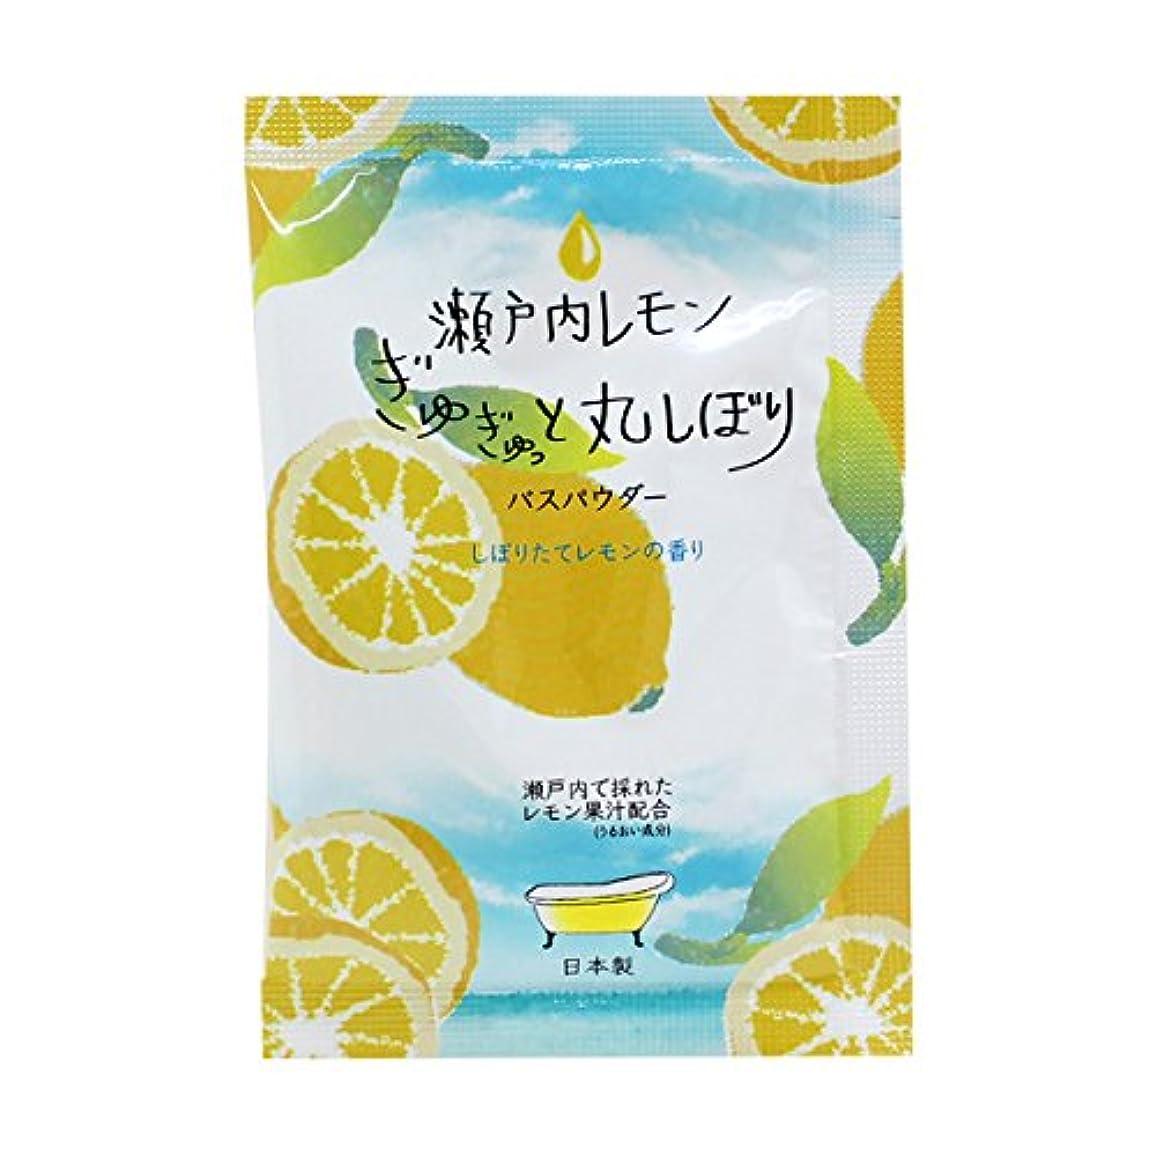 ポンド裸横にハーバルエクストラ リッチバスパウダー 「瀬戸内レモンの香り」30個